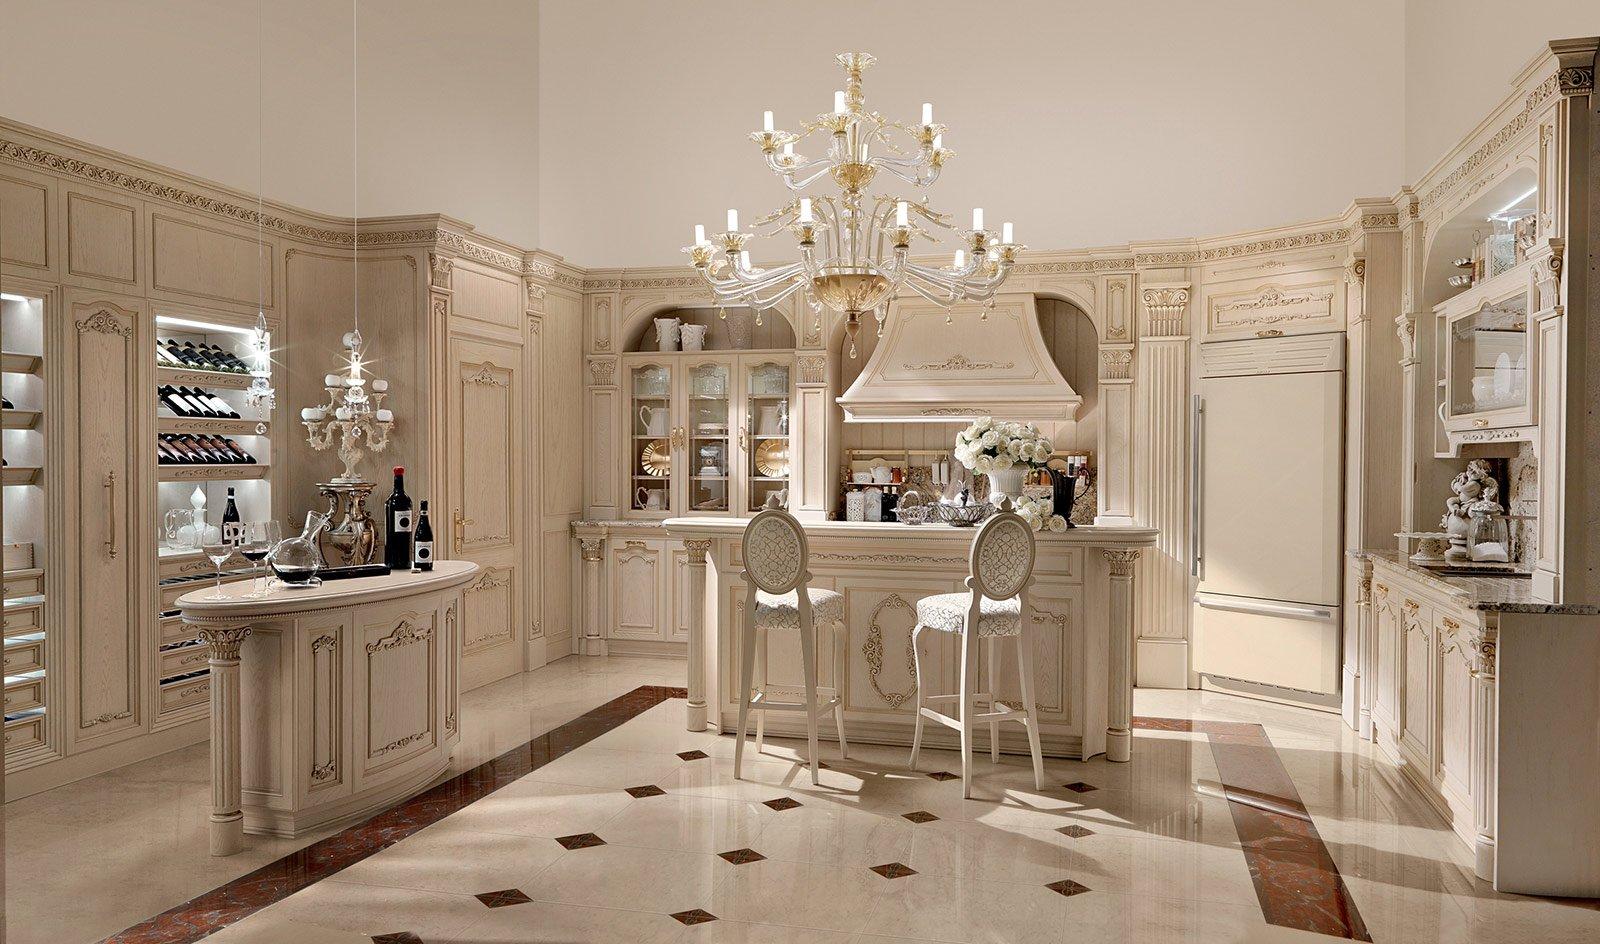 Cucine in stile cose di casa - Mobili rivestiti in pelle ...